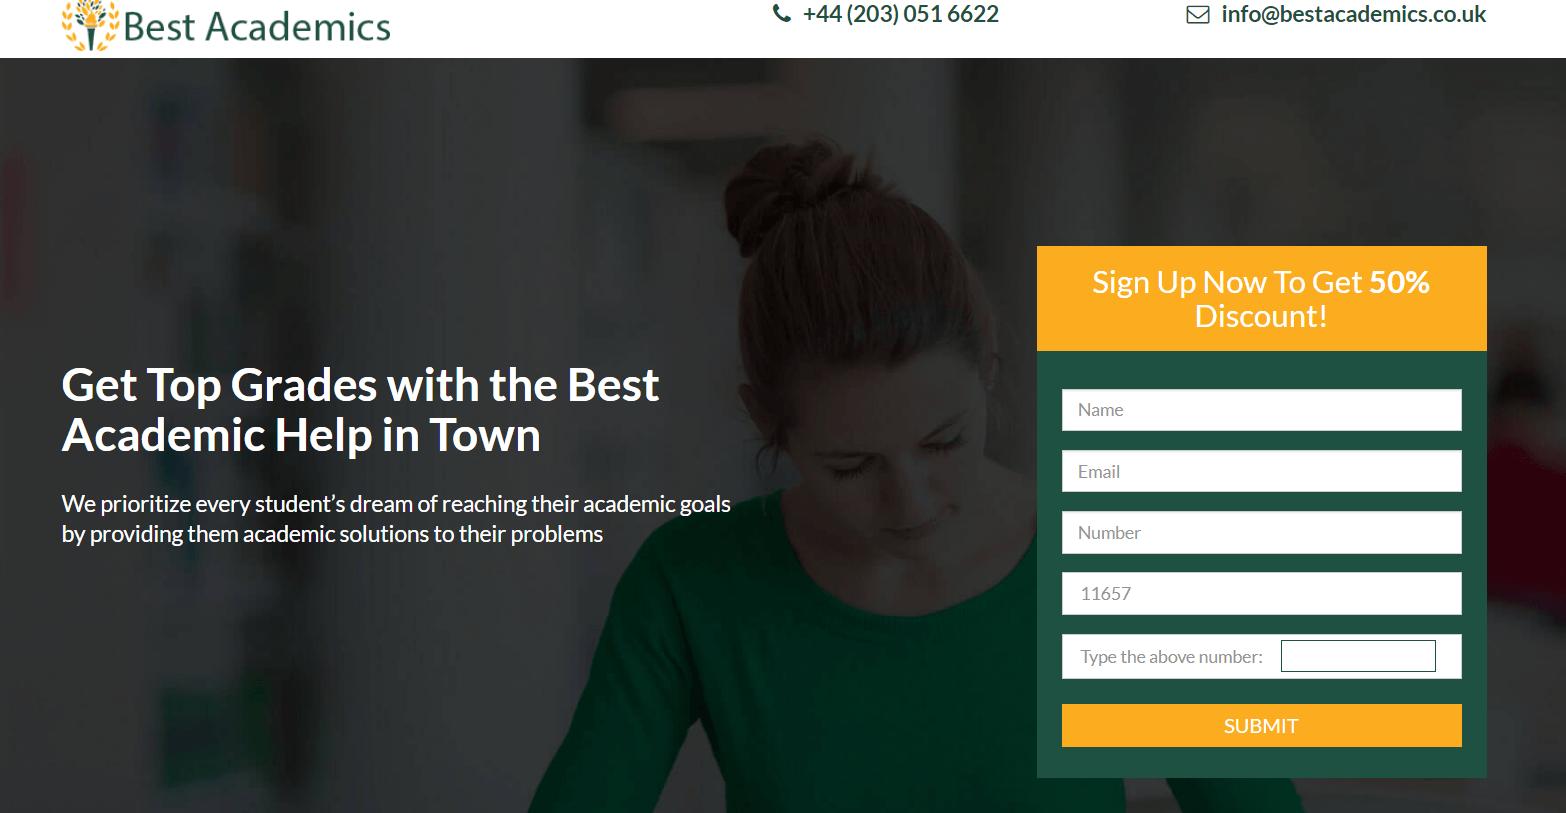 bestacademics.co.uk